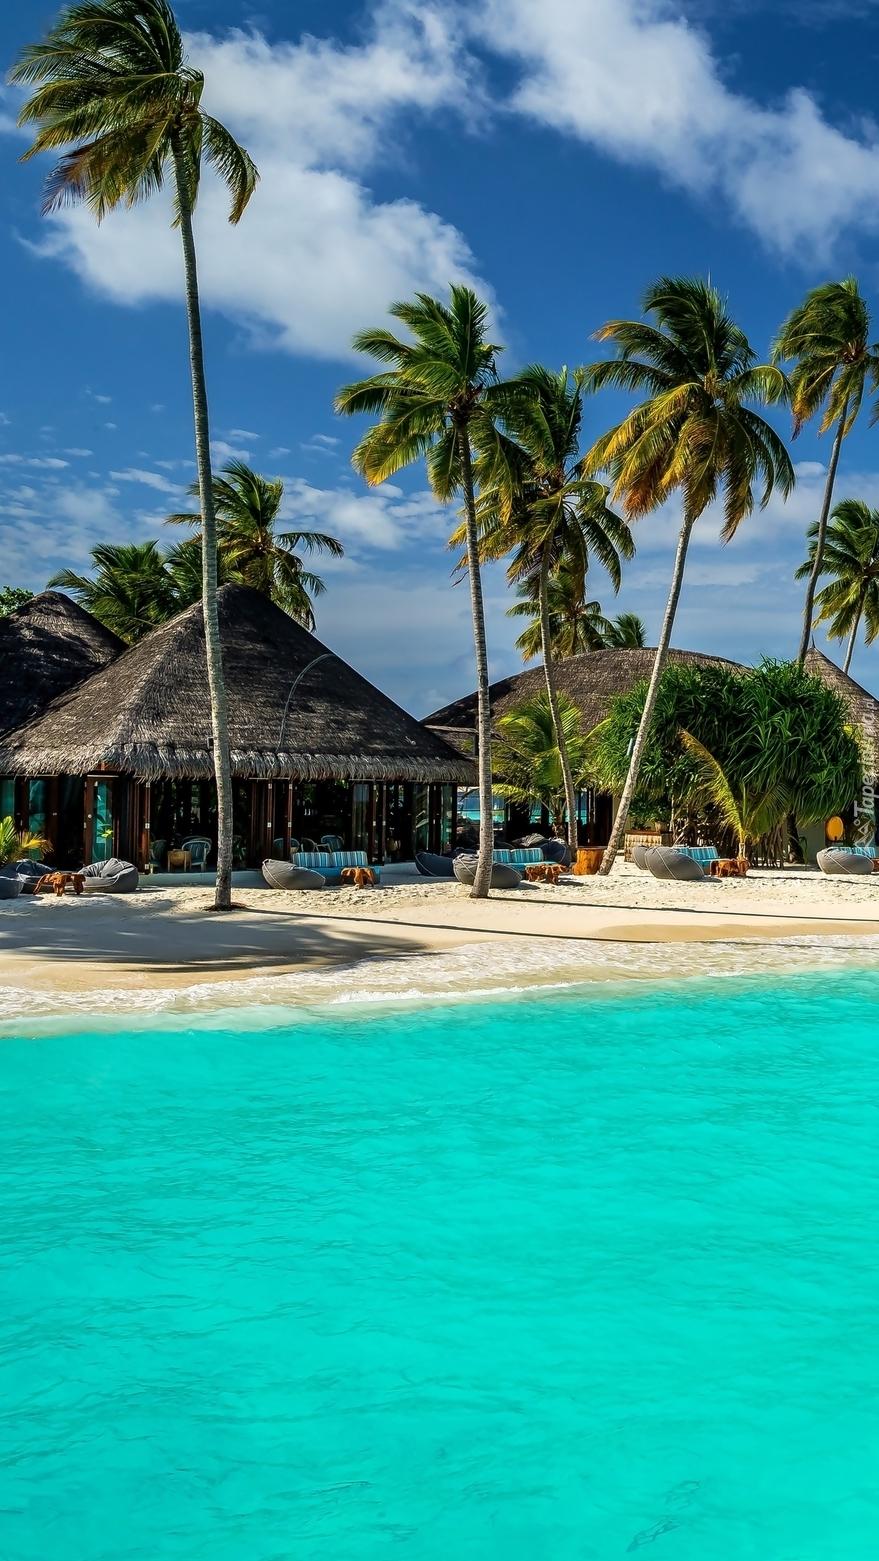 Wyspa z domkami i plażą